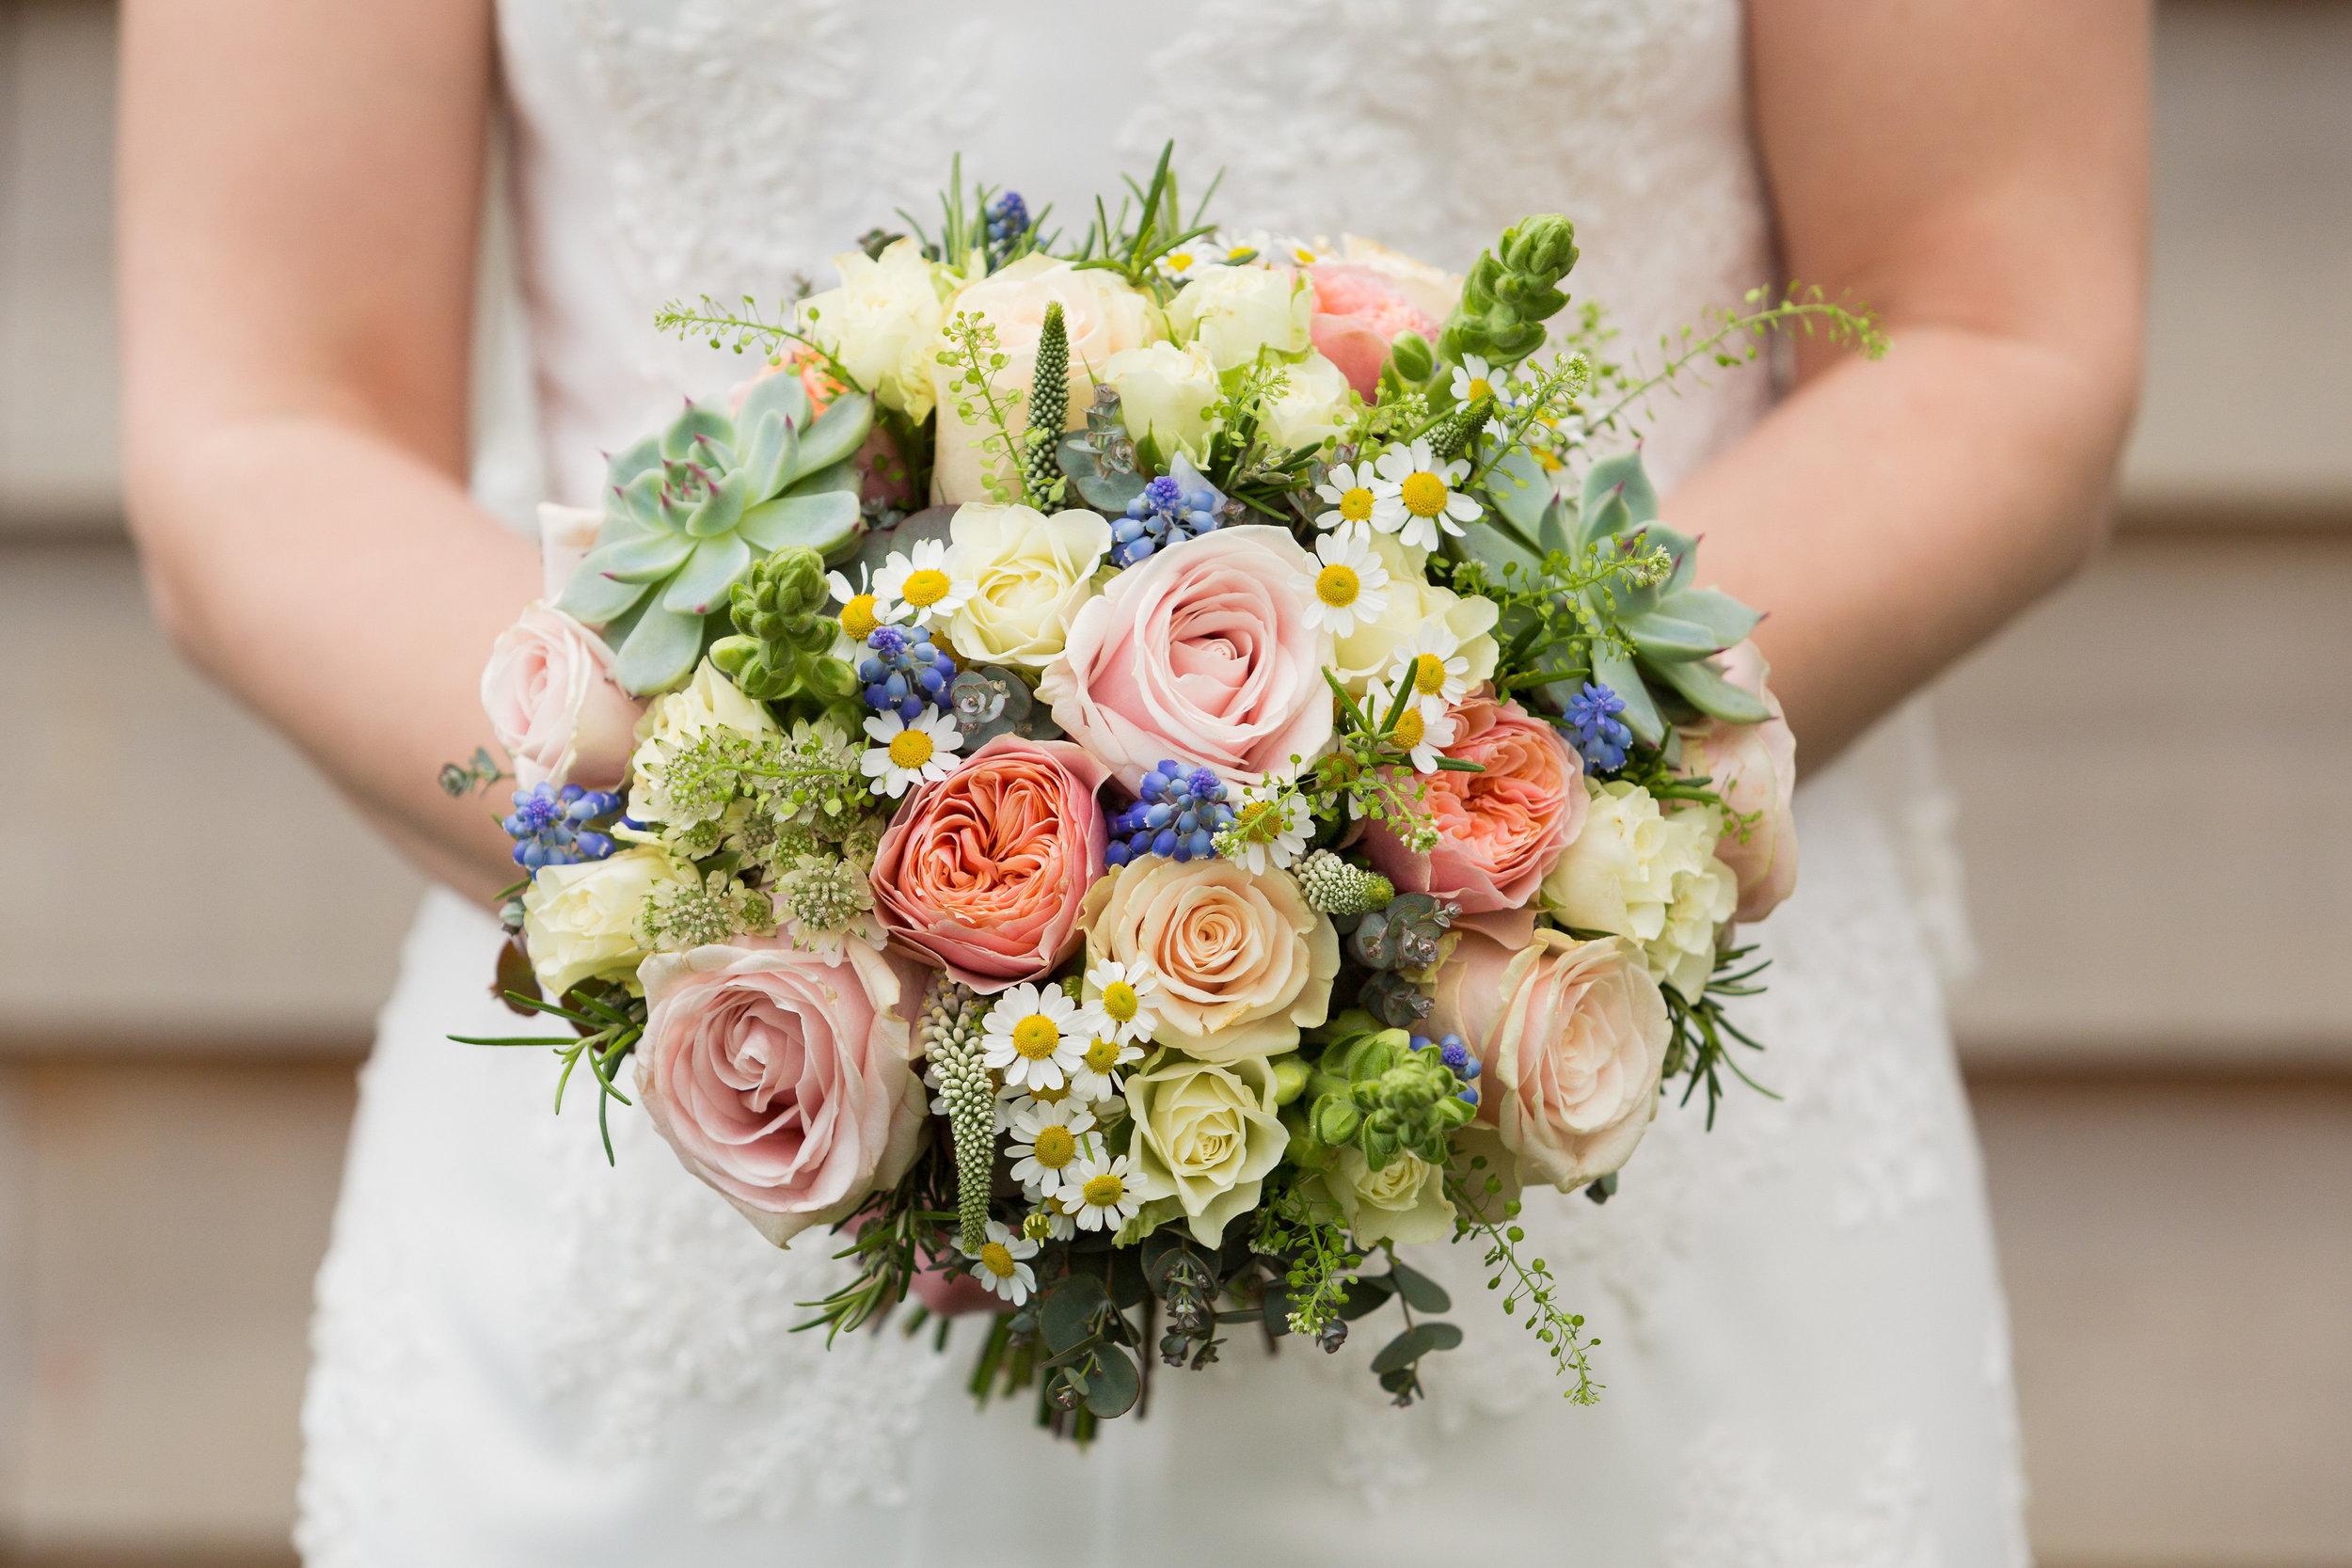 suffolk-wedding-florist-helen-newman